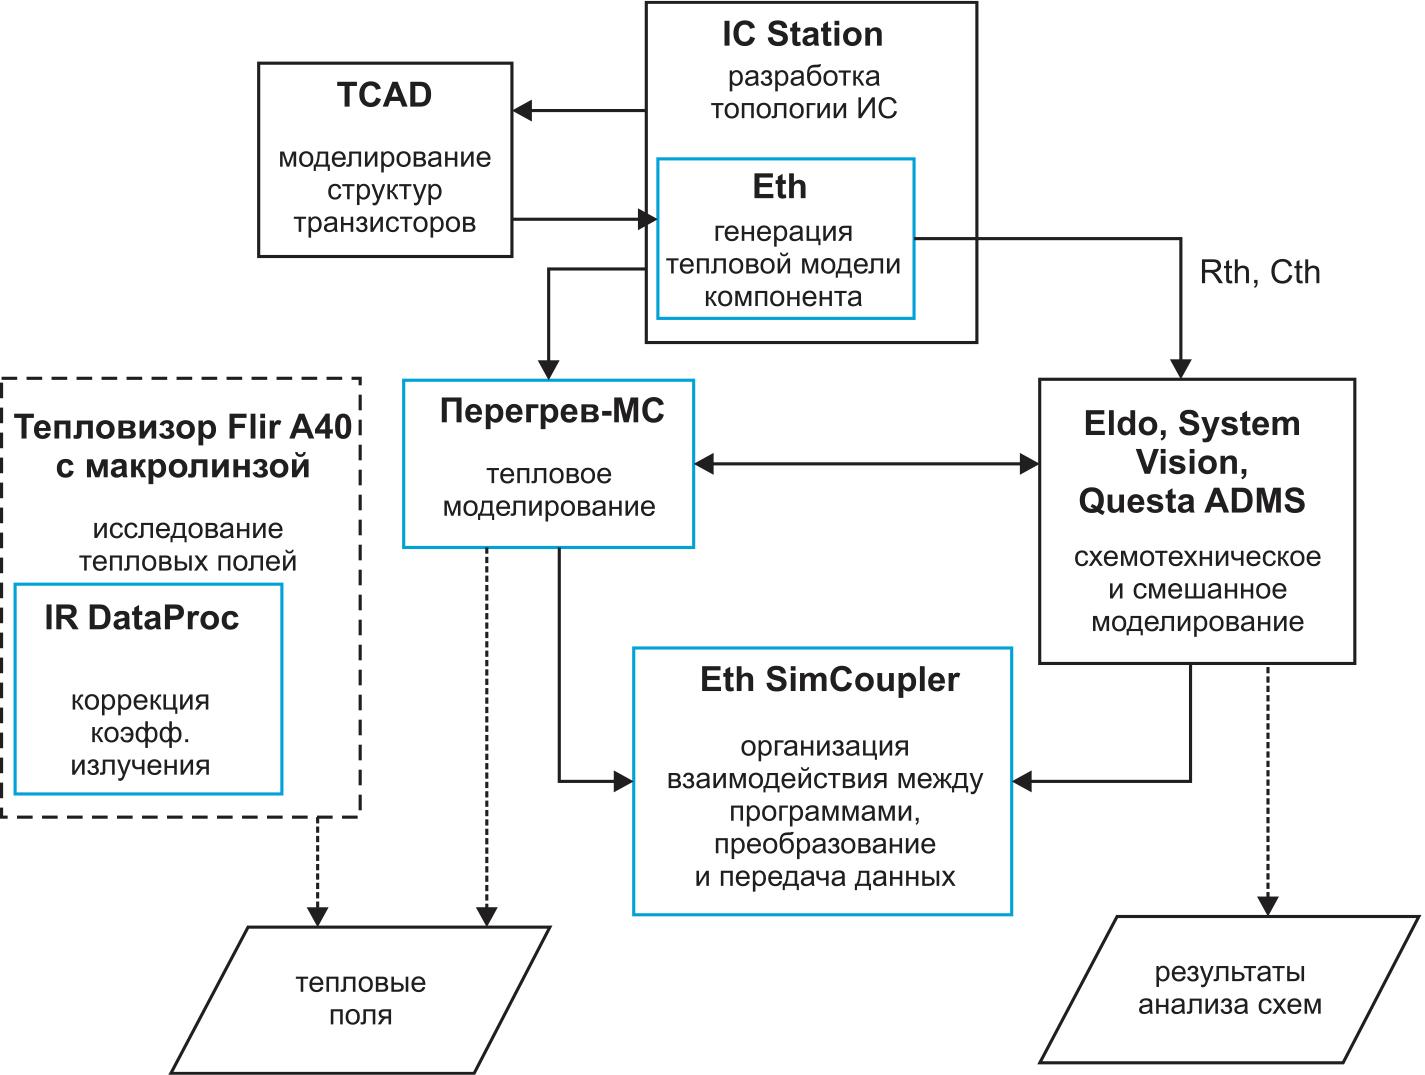 Структура подсистемы электротеплового проектирования мощных микросхем